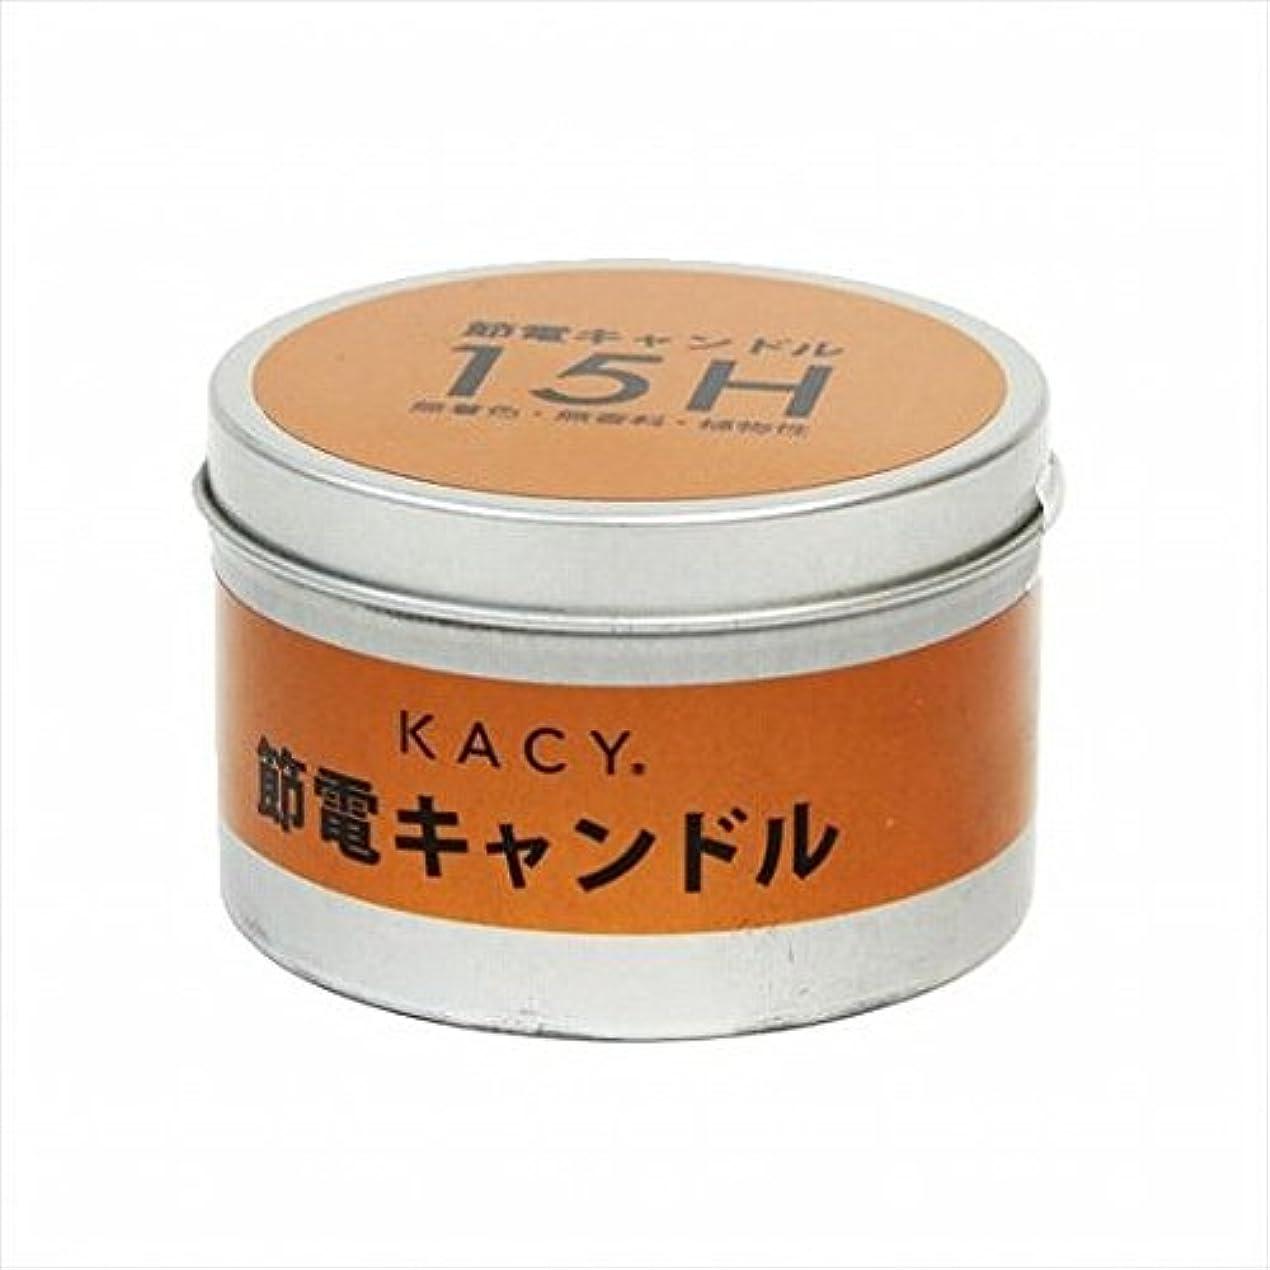 とんでもないヒューマニスティック誓いkameyama candle(カメヤマキャンドル) 節電缶キャンドル15時間タイプ キャンドル 80x80x48mm (A9620000)